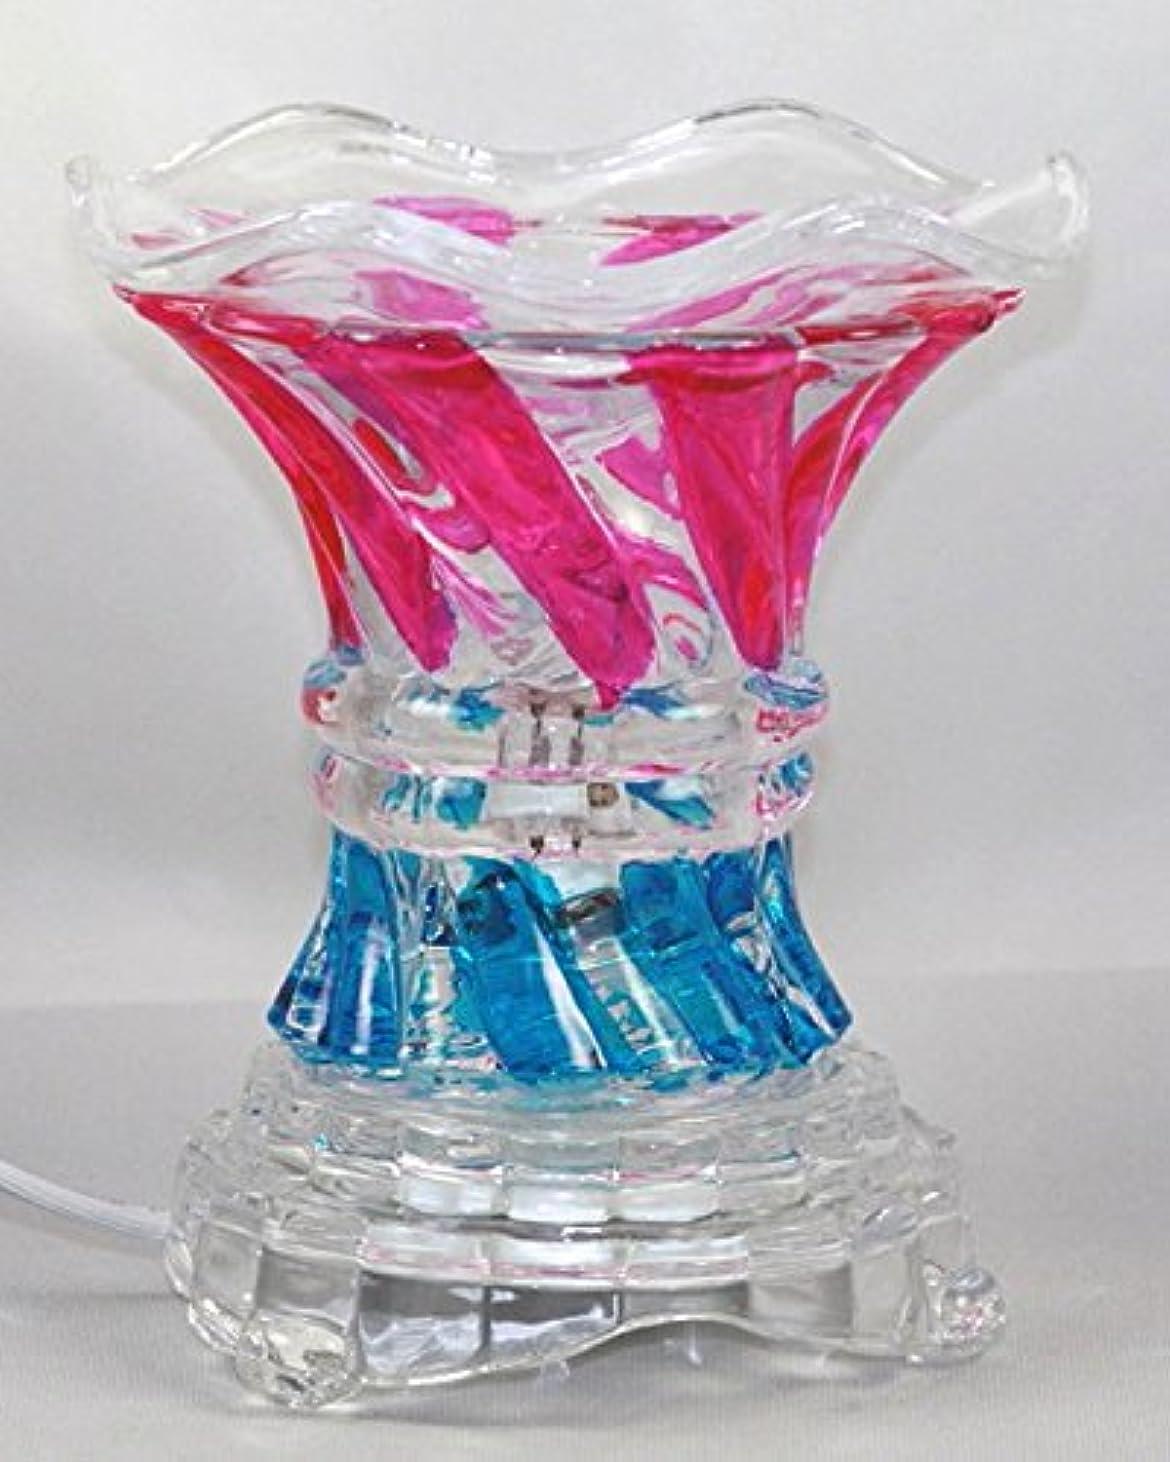 推論サイクロプス悪意のあるマルチカラー( es237 ) ElectricガラスフレグランスScented Oil Warmer ( Burner / Warmer /ランプ) withディマースイッチピンクブルー